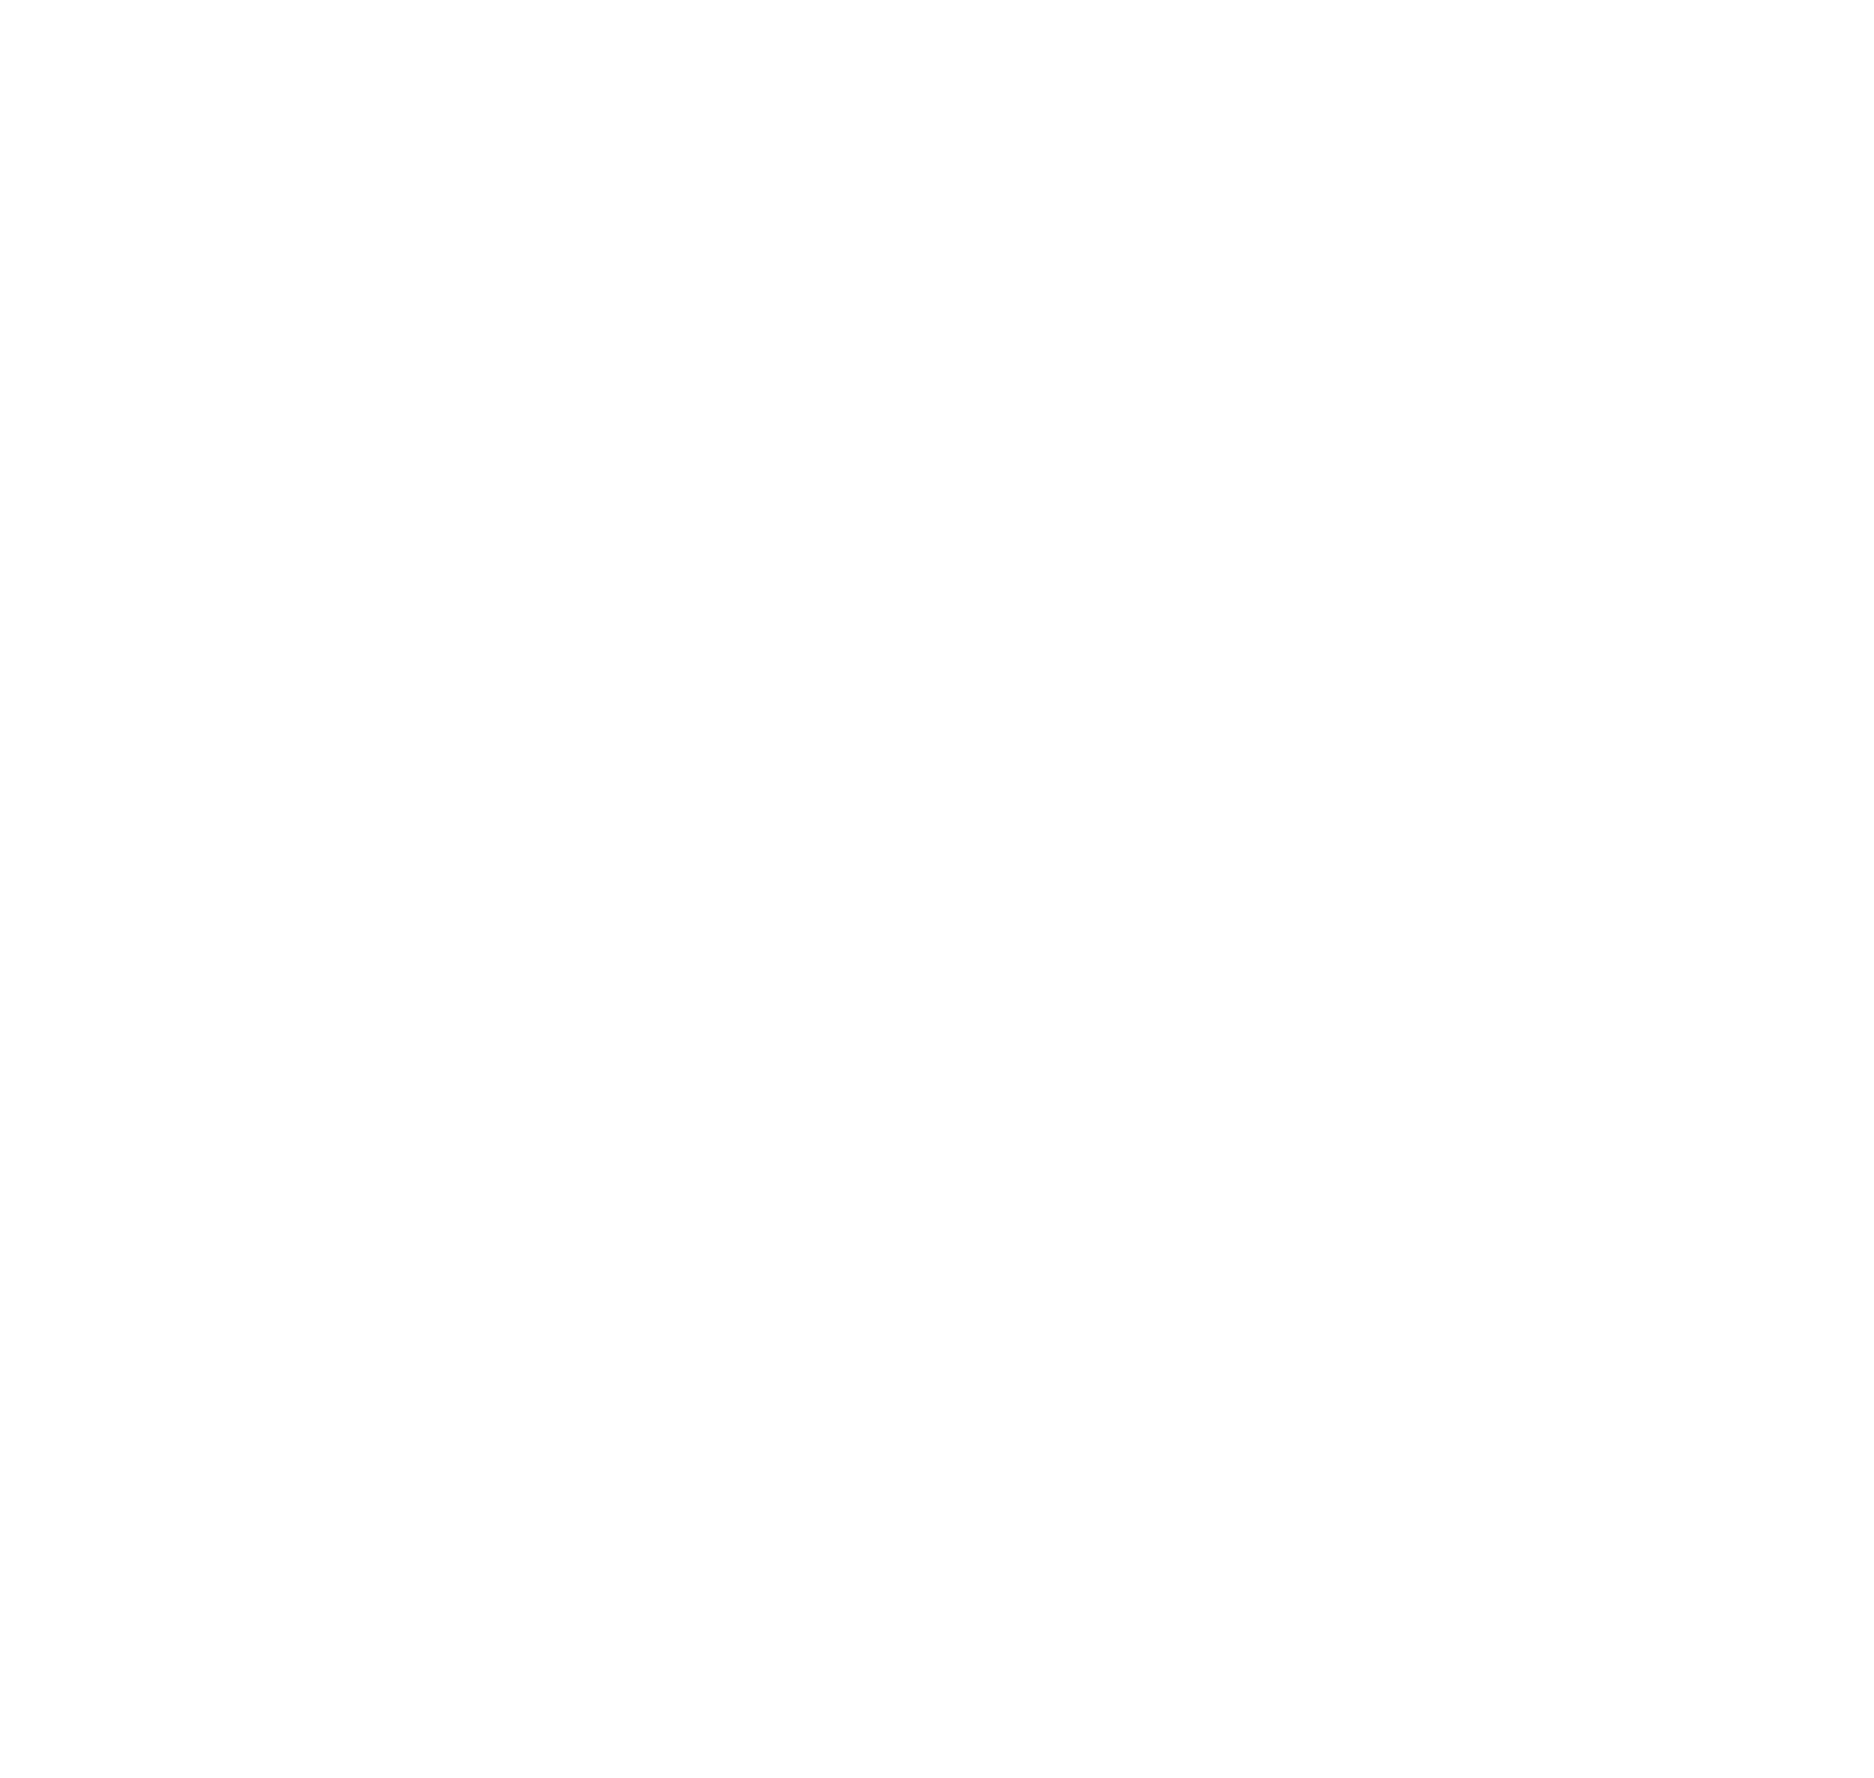 Lösung Pfeile Icon weiß